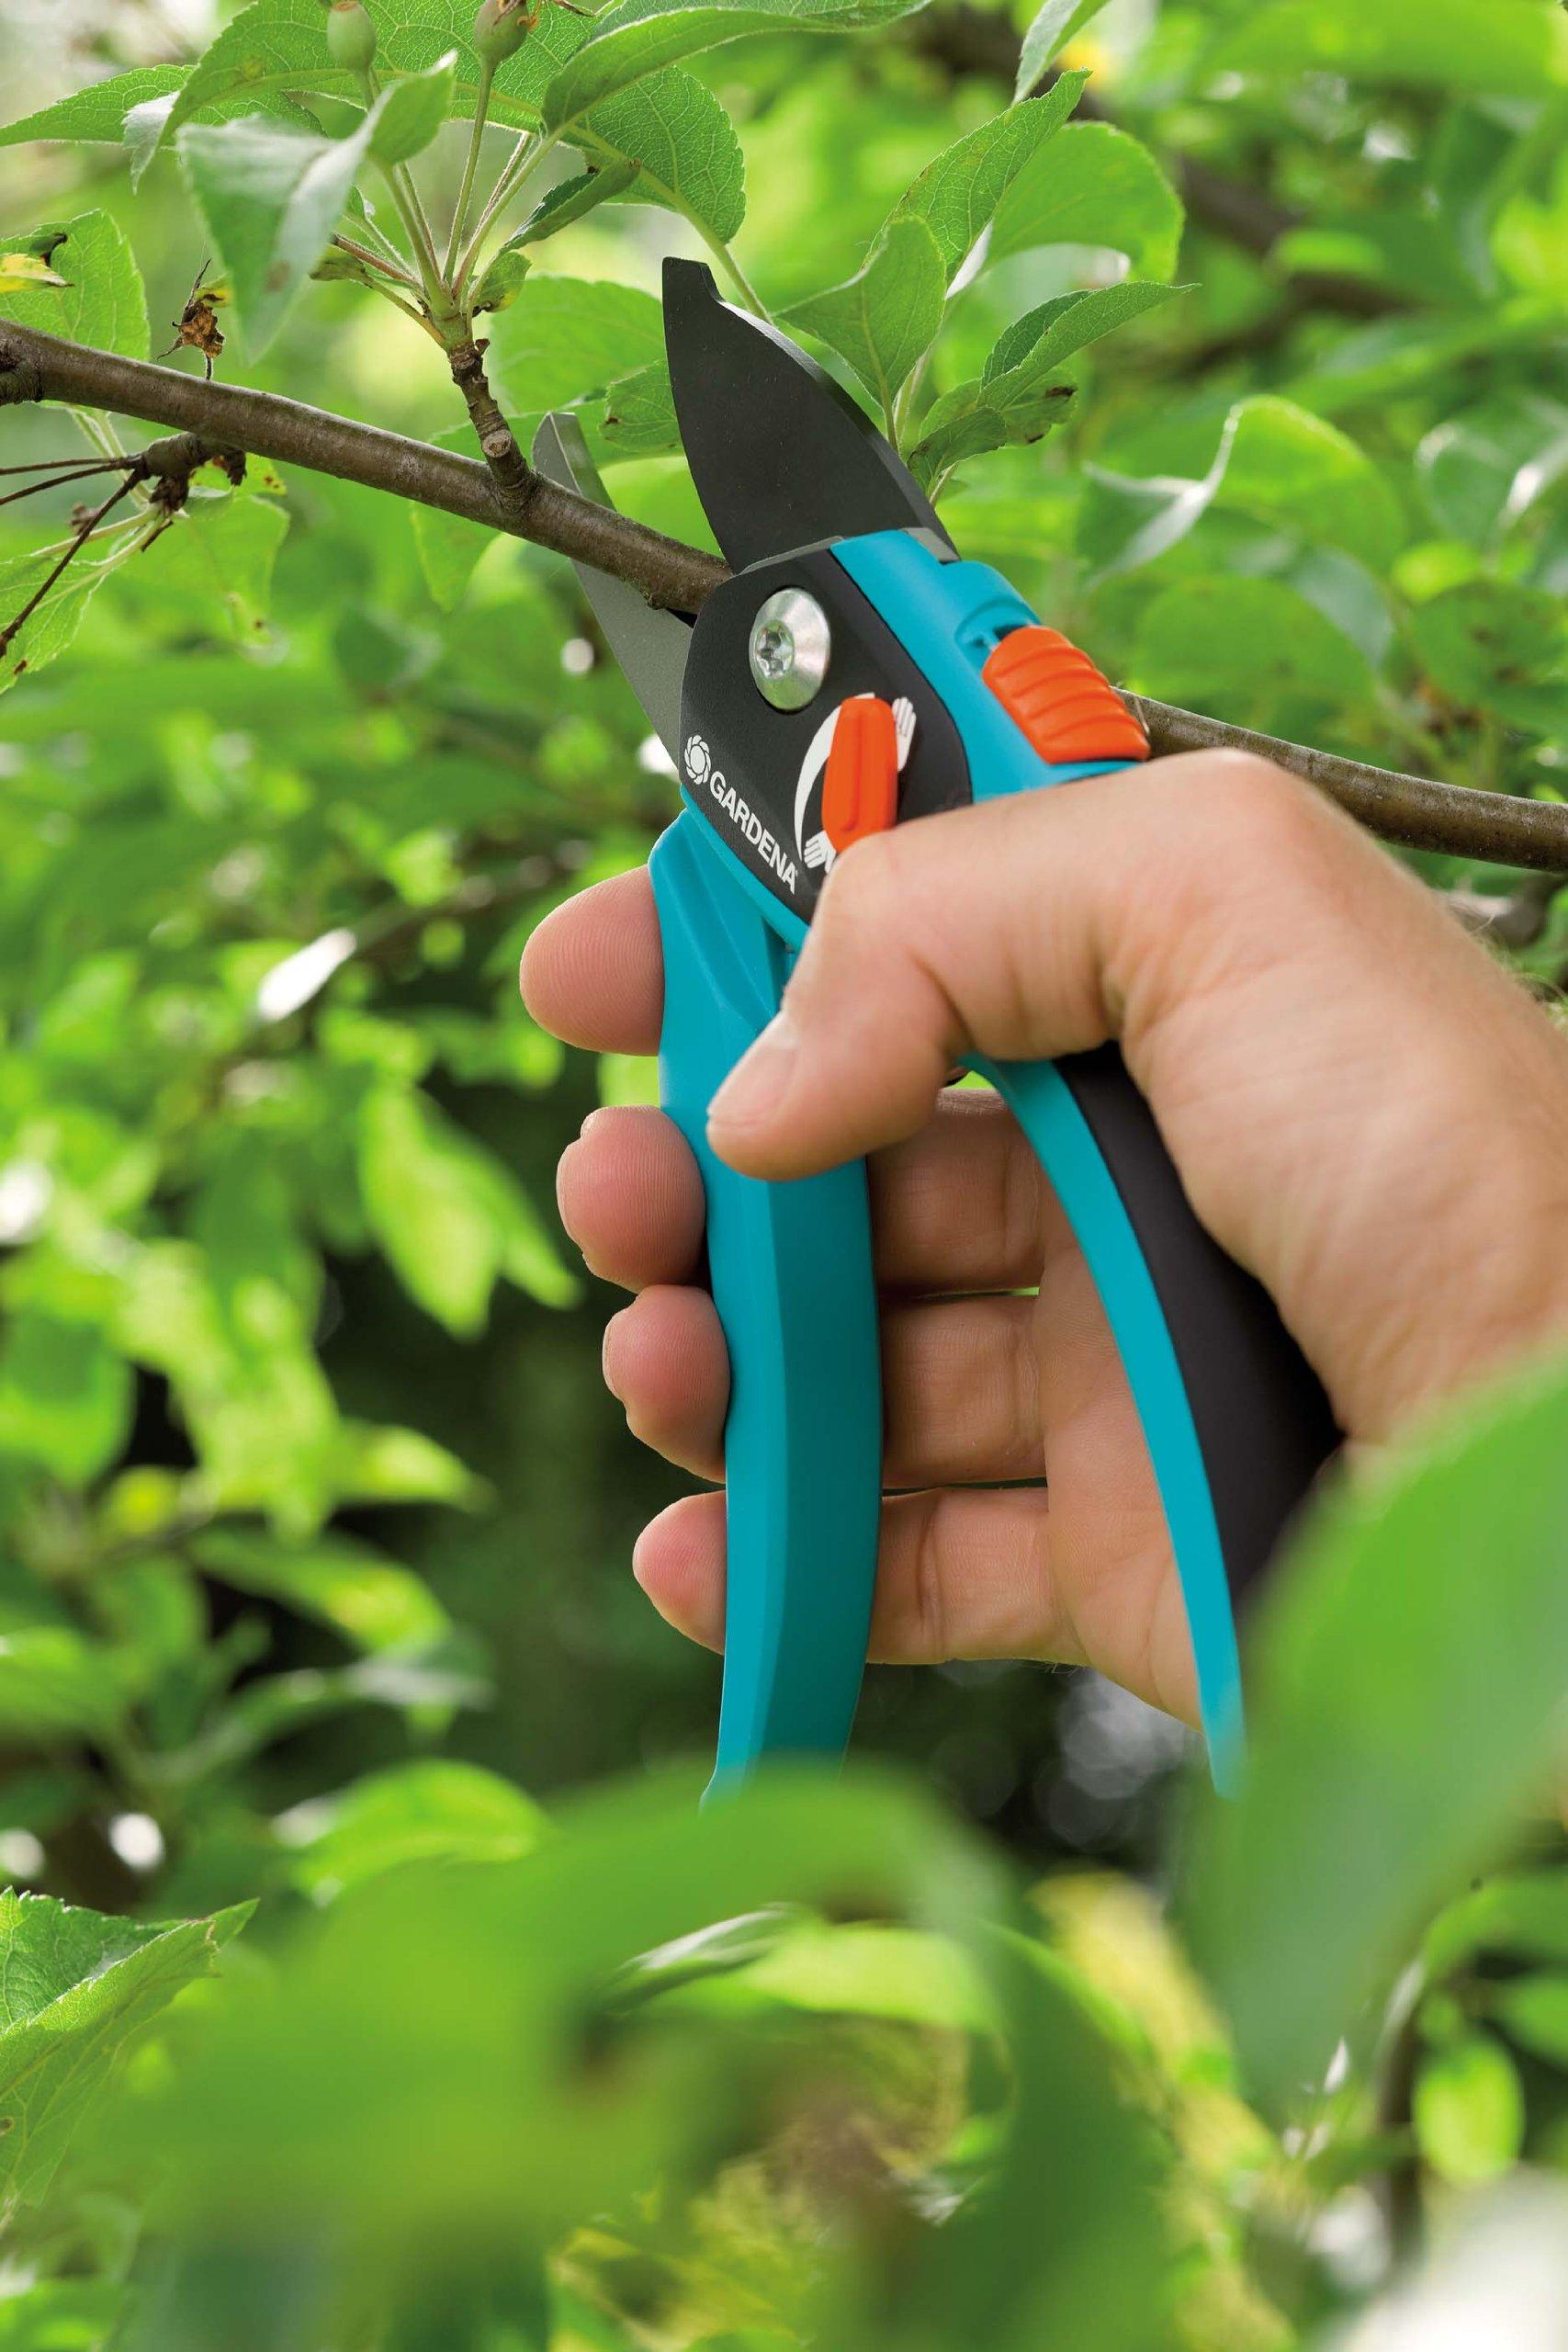 Gardena 8788 Comfort Vario Hand Pruner With 3/4-Inch Cut by Gardena (Image #4)